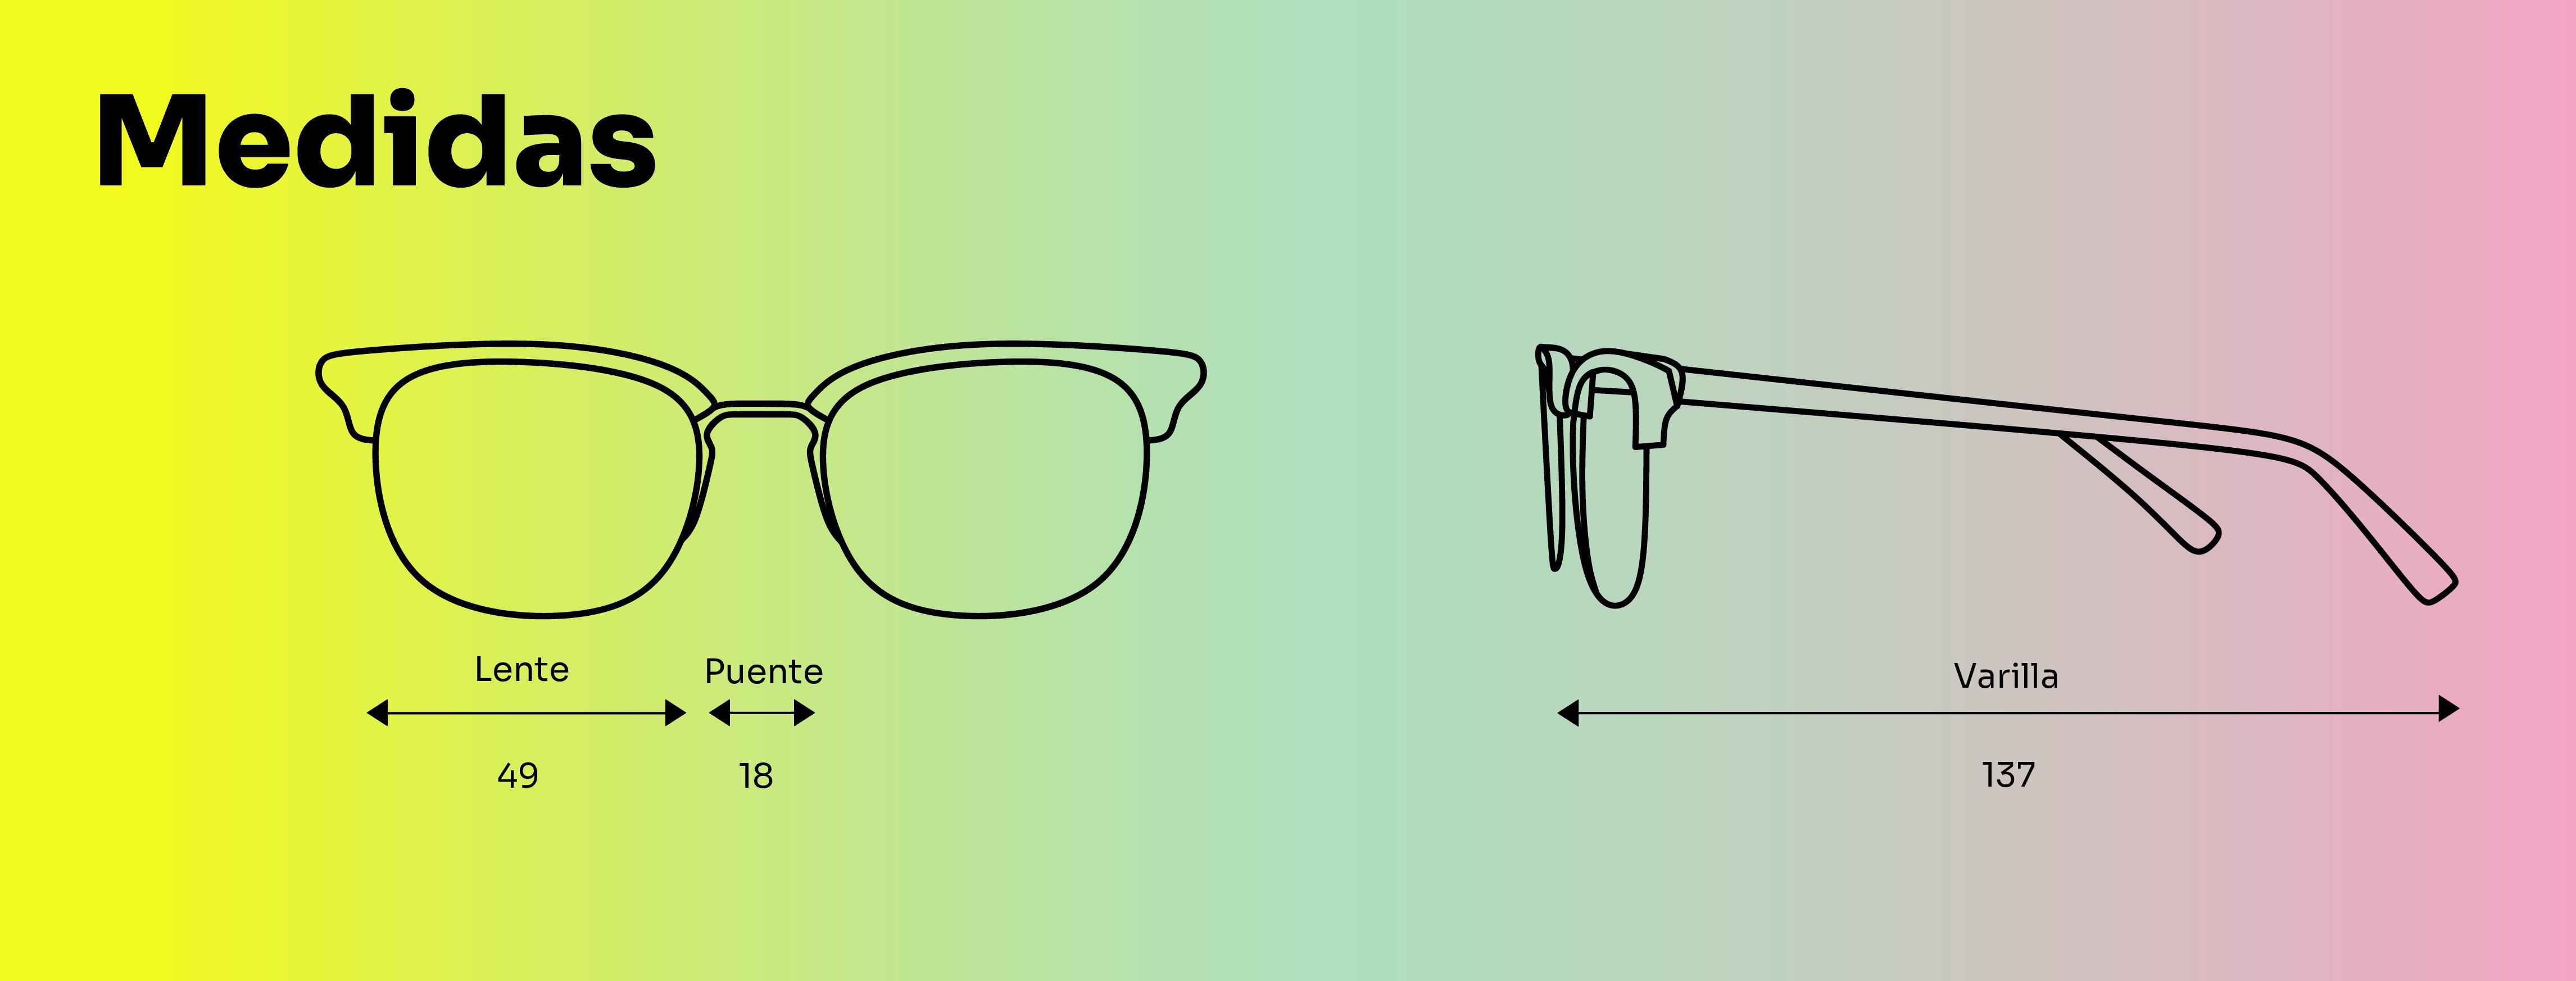 medidas-montura-de-gafas-graduadas-de-marca-Prieks